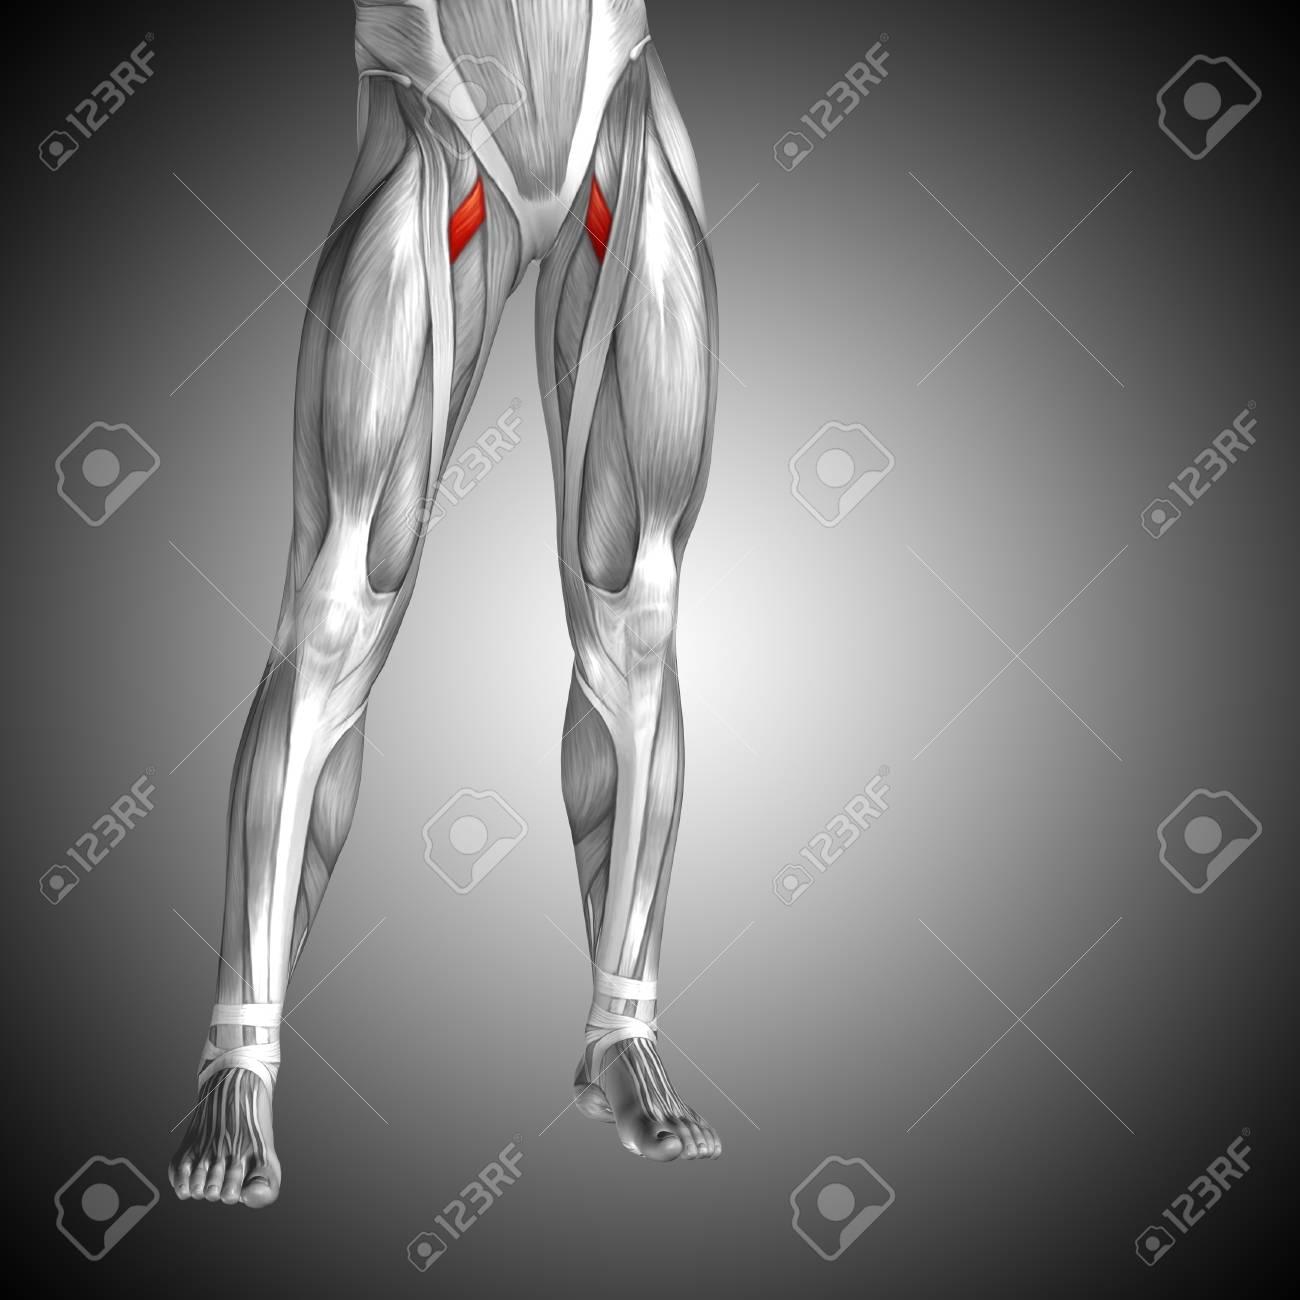 Atemberaubend Vordere Muskelanatomie Galerie - Menschliche Anatomie ...